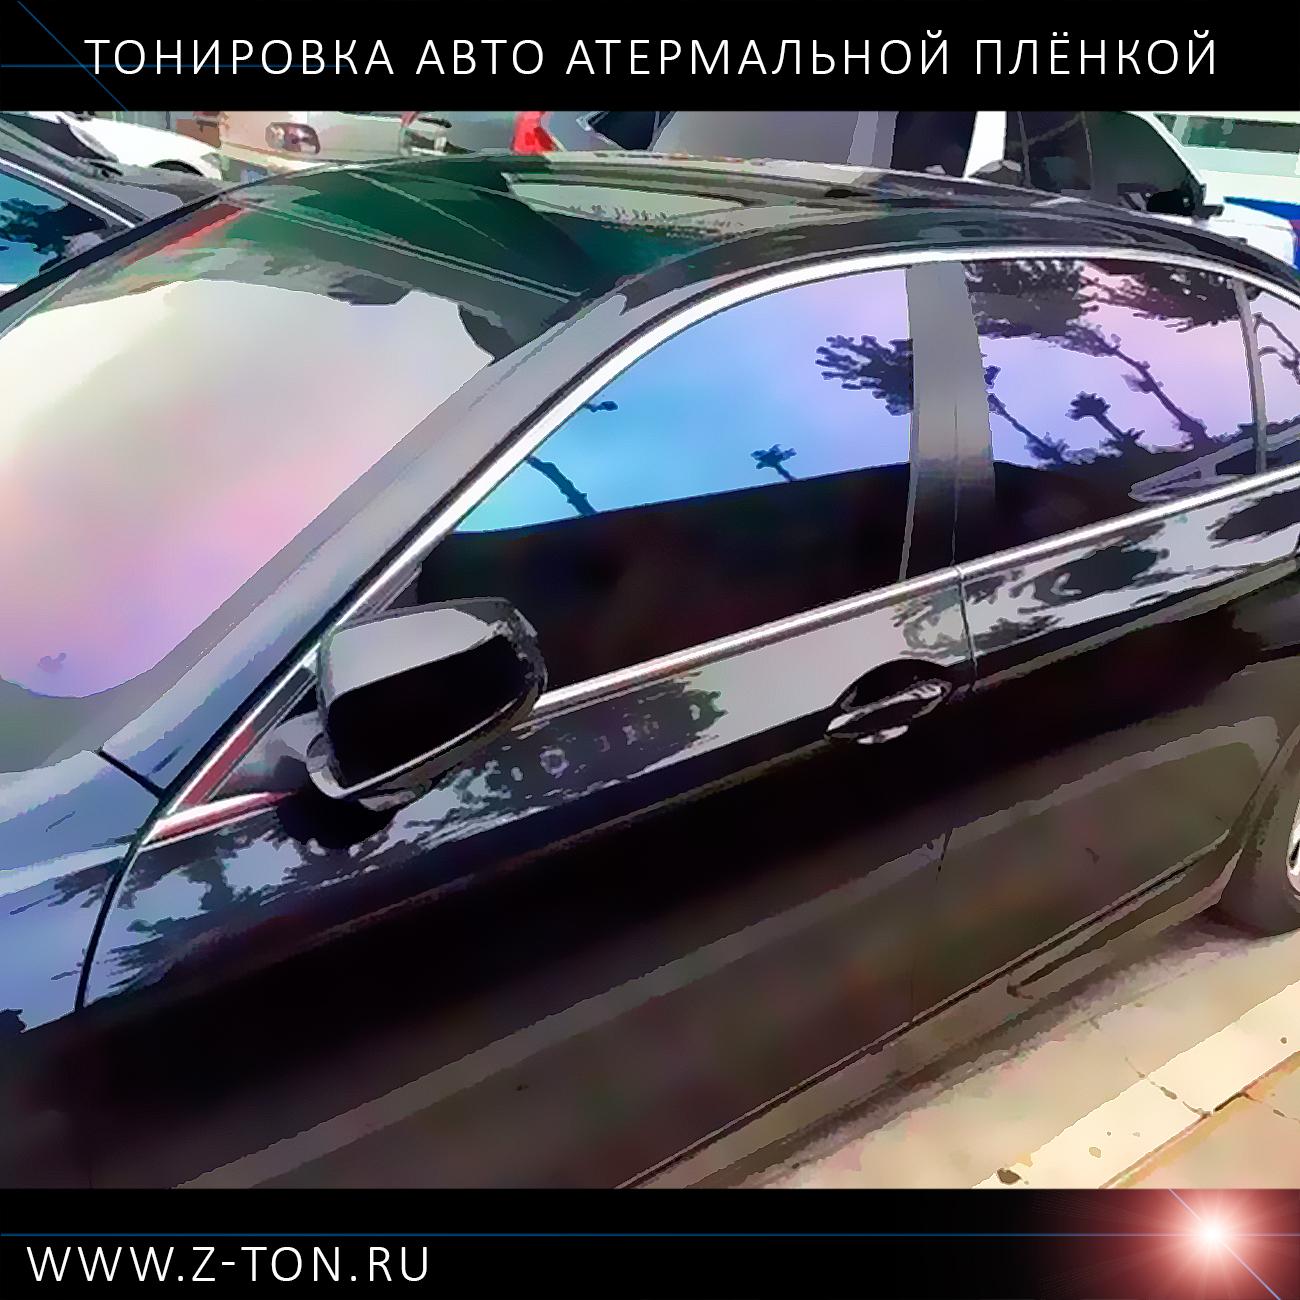 Атермальная тонировка  в Зеленограде (Андреевка, Крюково, Москва)